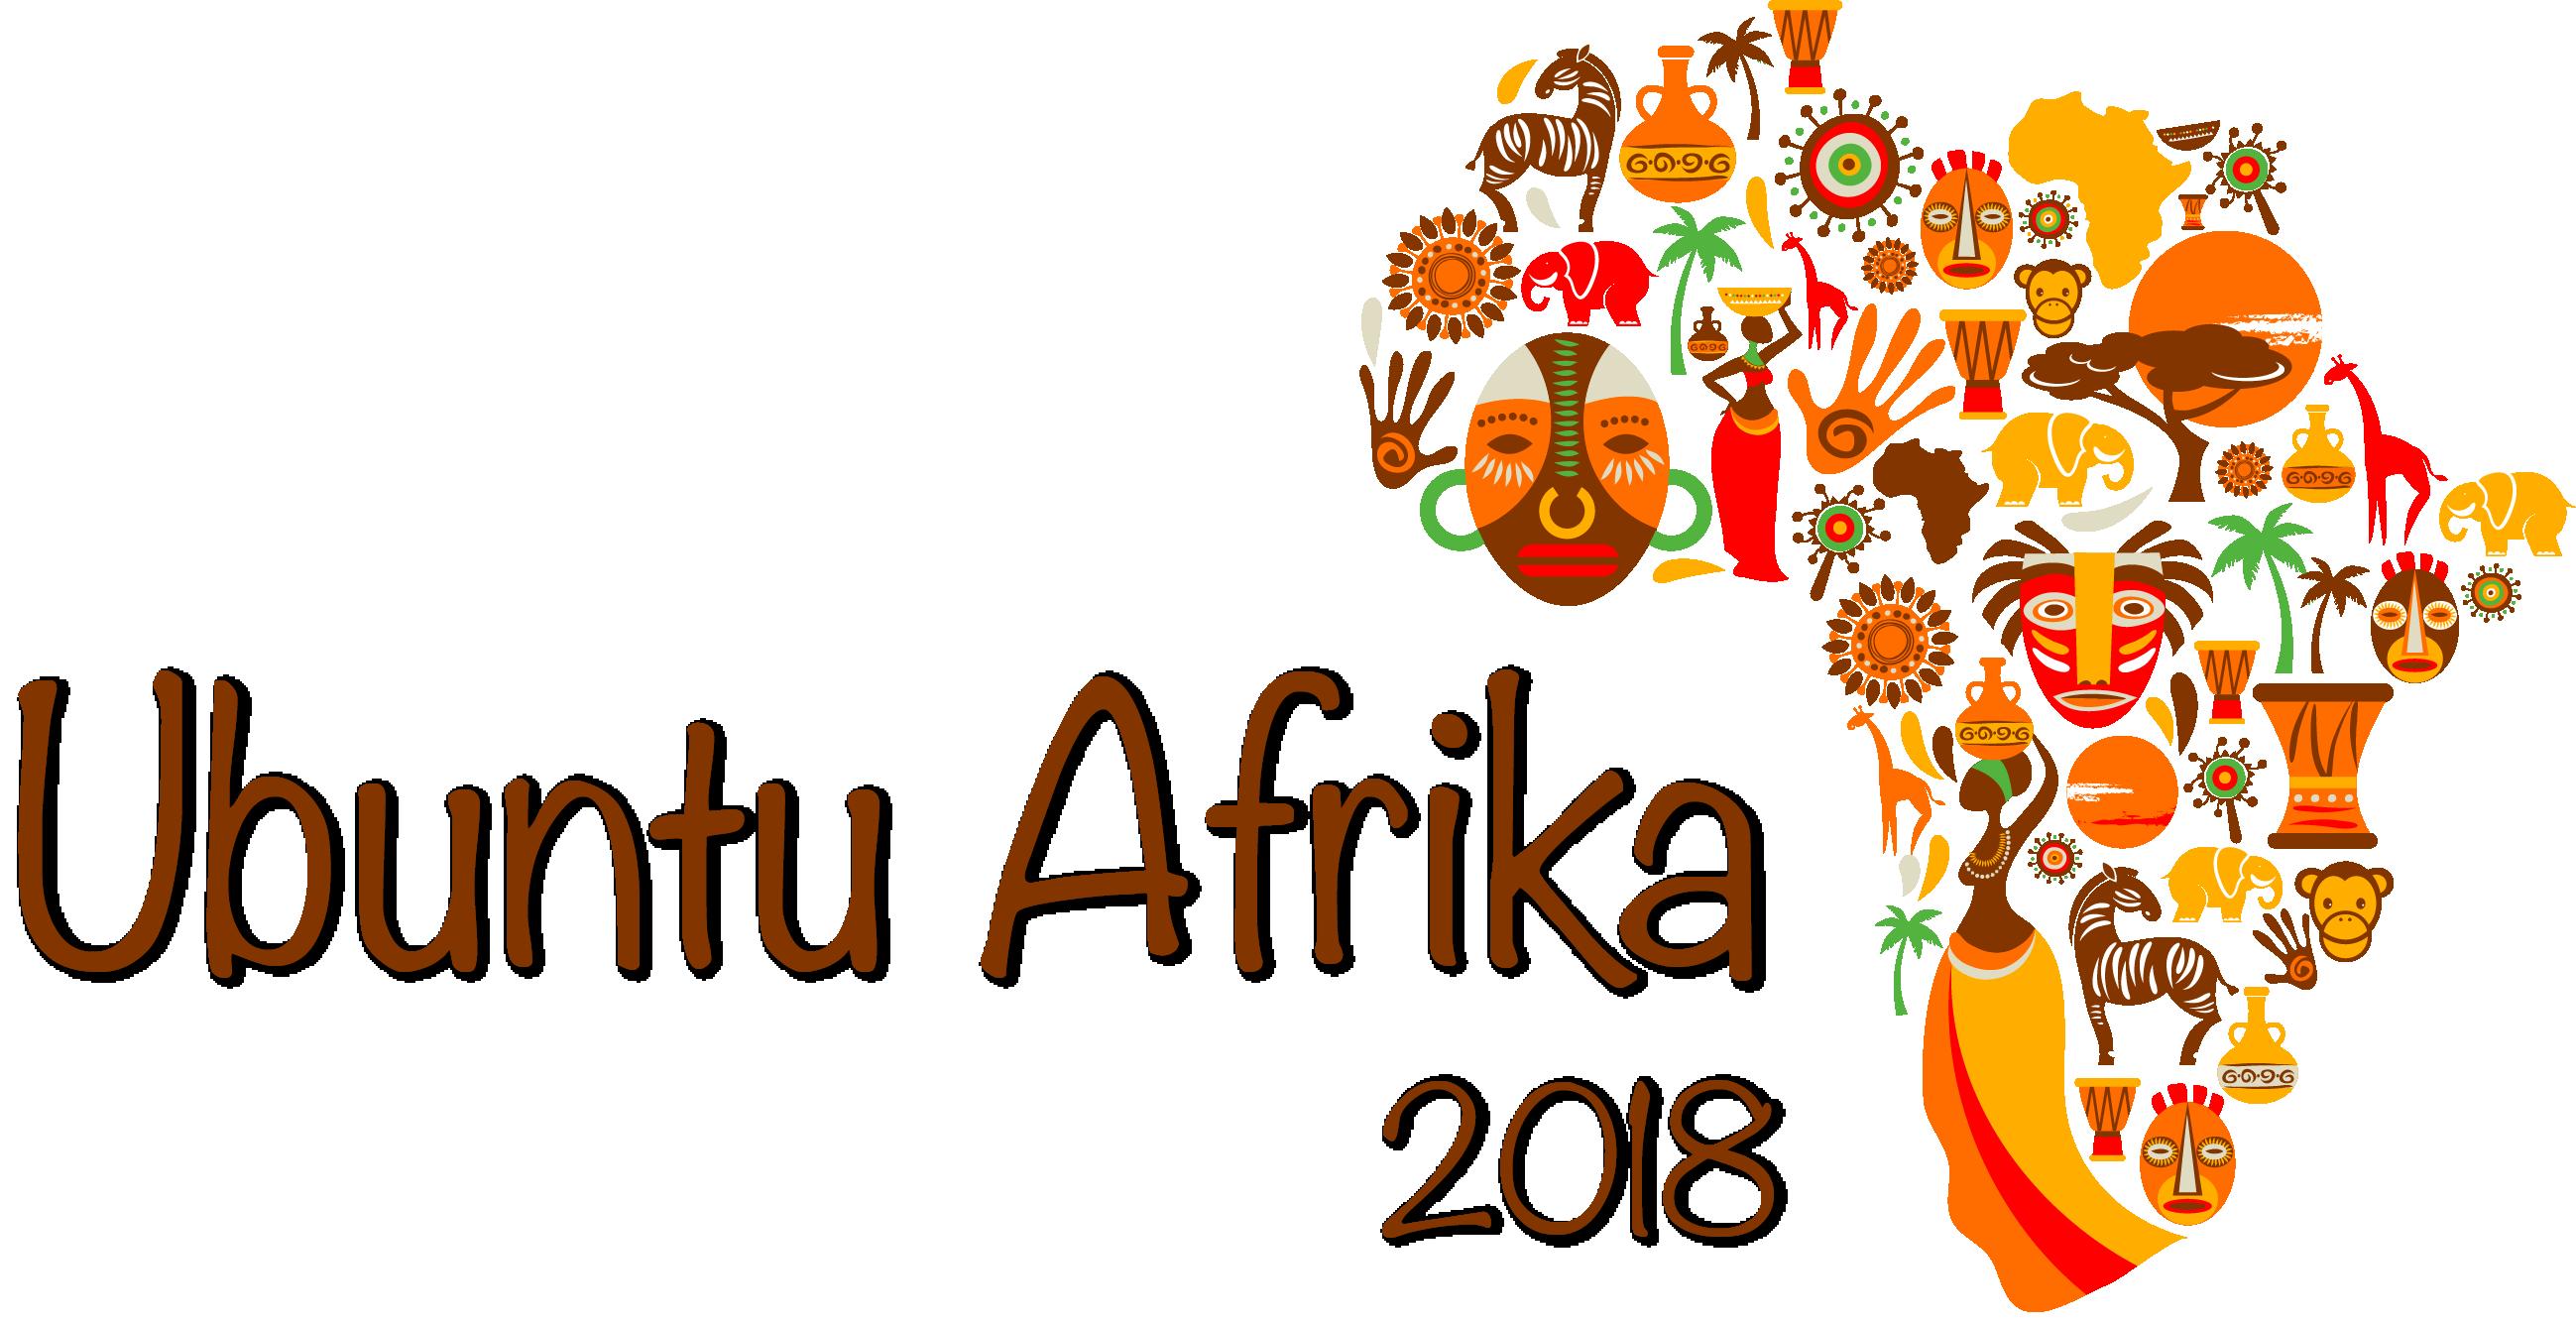 Ubuntu Afrika